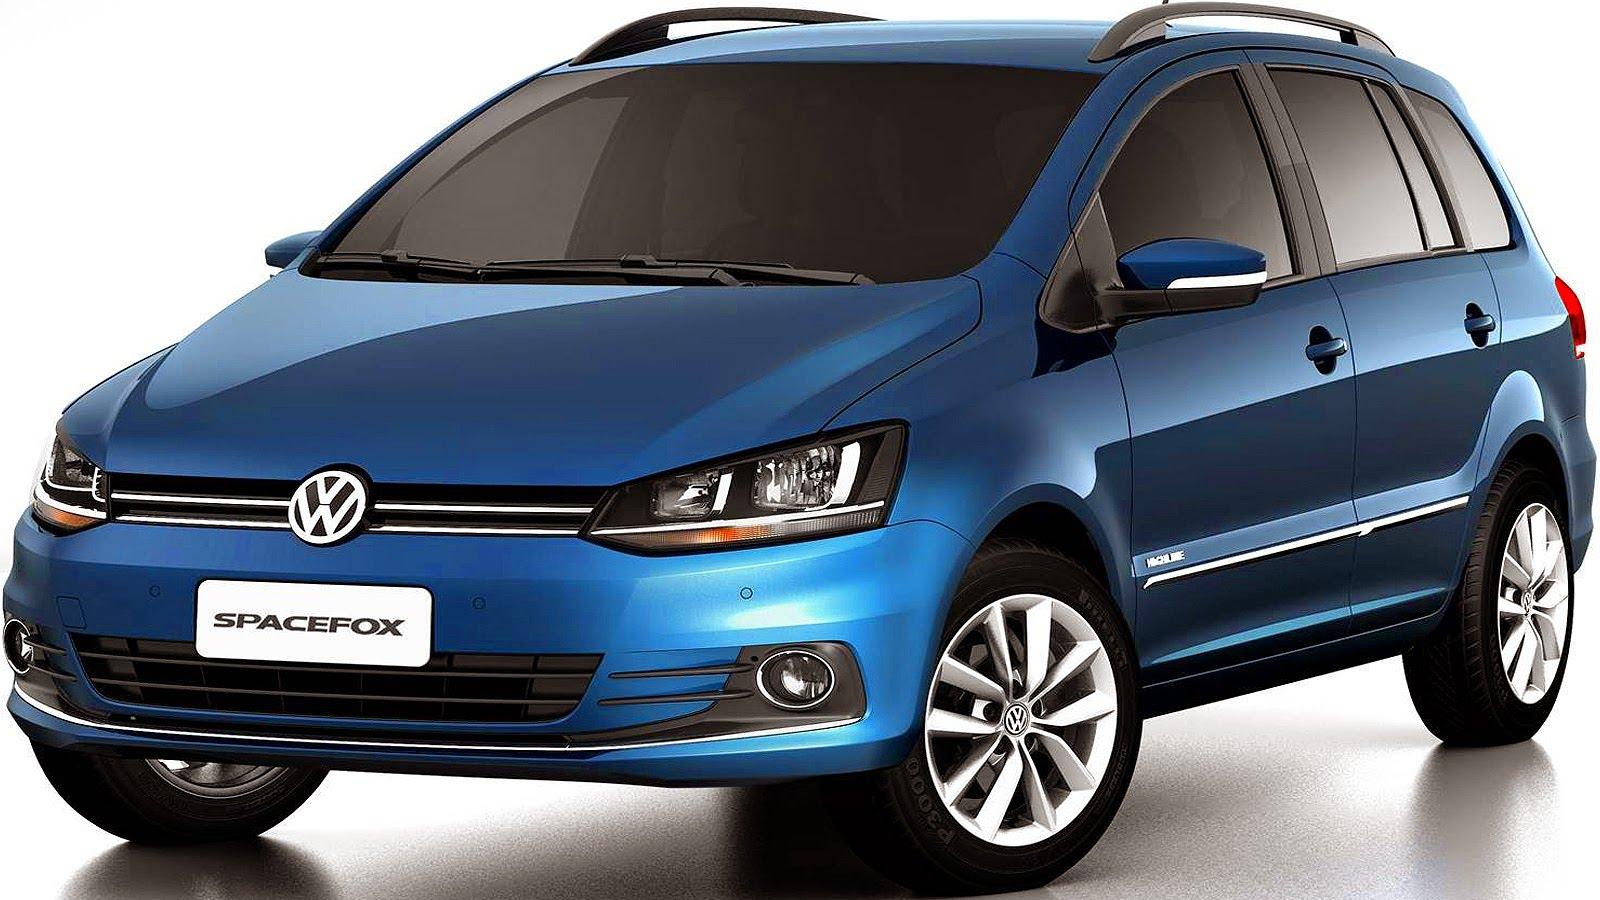 Novo Volkswagen Spacefox 2016